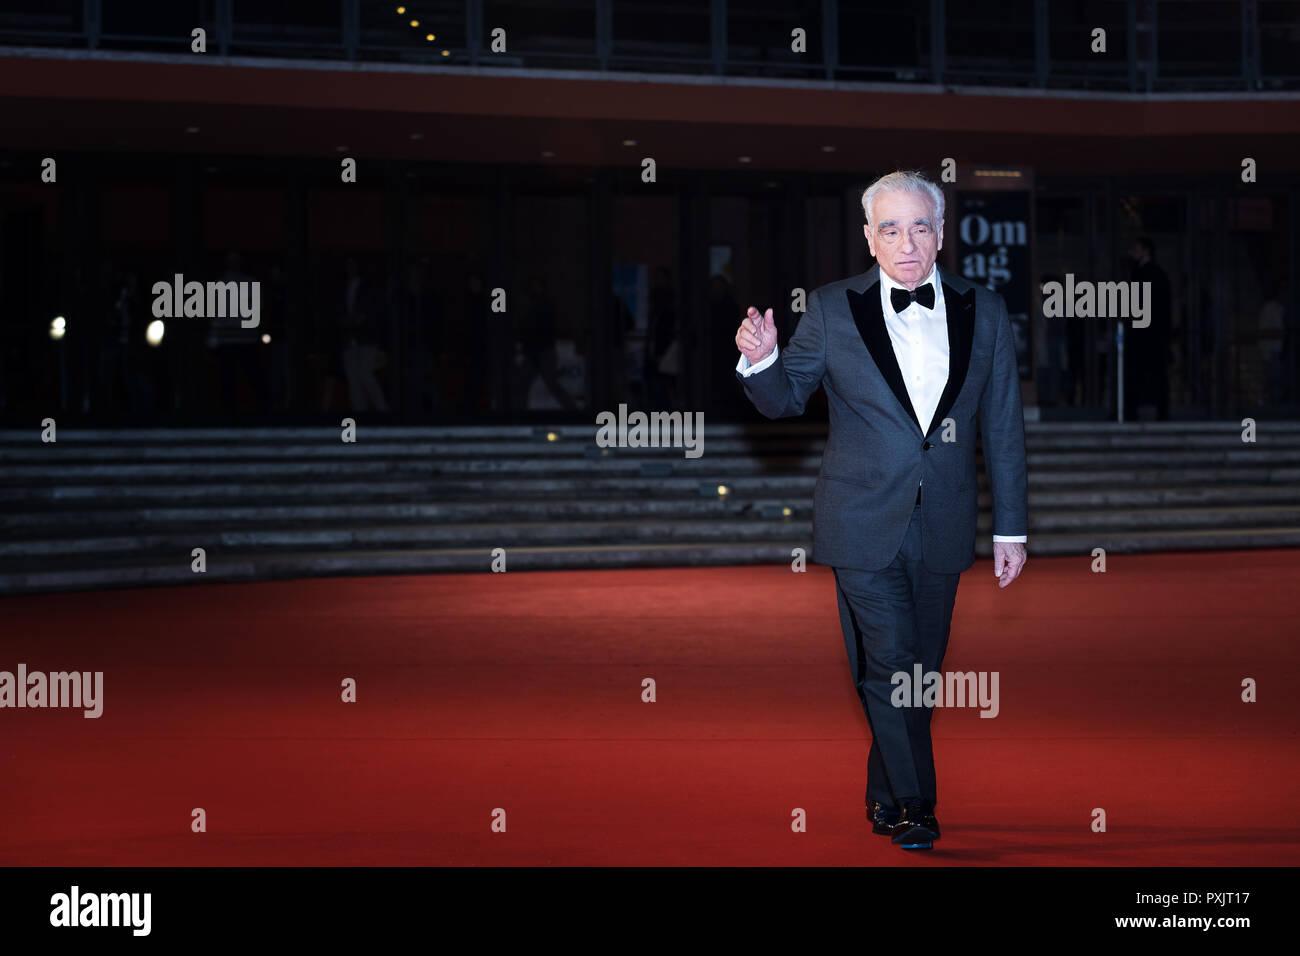 Roma, Italia. El 22 de octubre, 2018: El Director Martin Scorsese, el Lifetime Achievement Award, asiste a la alfombra roja del Festival de Cine de Roma 2018 en el Auditorium Parco Della Musica. Crédito: Gennaro Leonardi/Alamy Live News Imagen De Stock